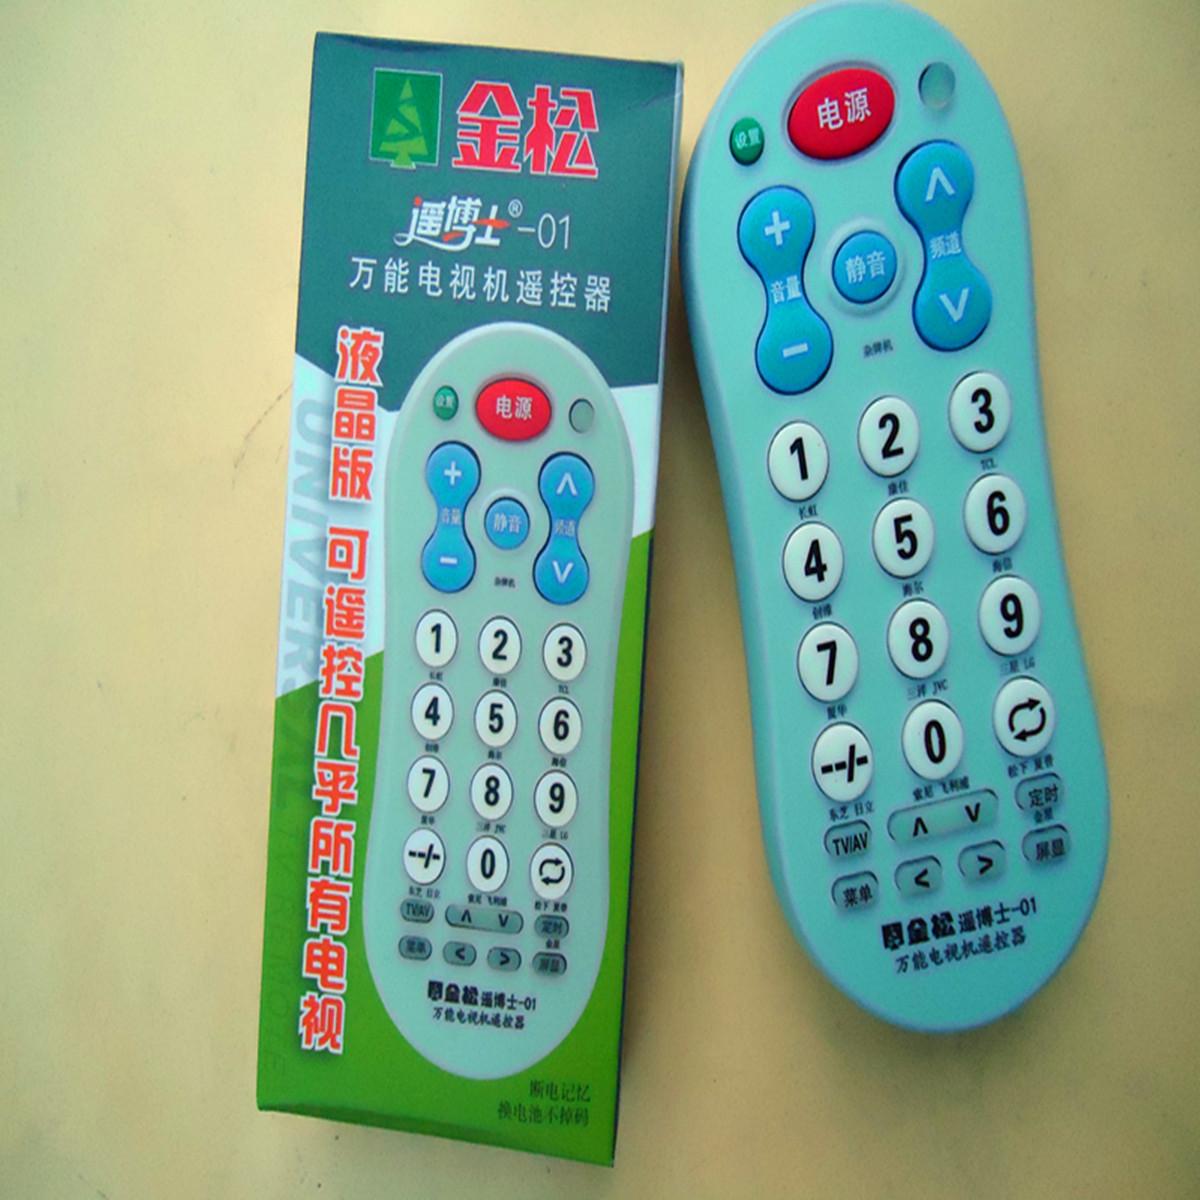 卖疯了!风靡全球大按键/免设置/电视万能遥控器/万能电视遥控器